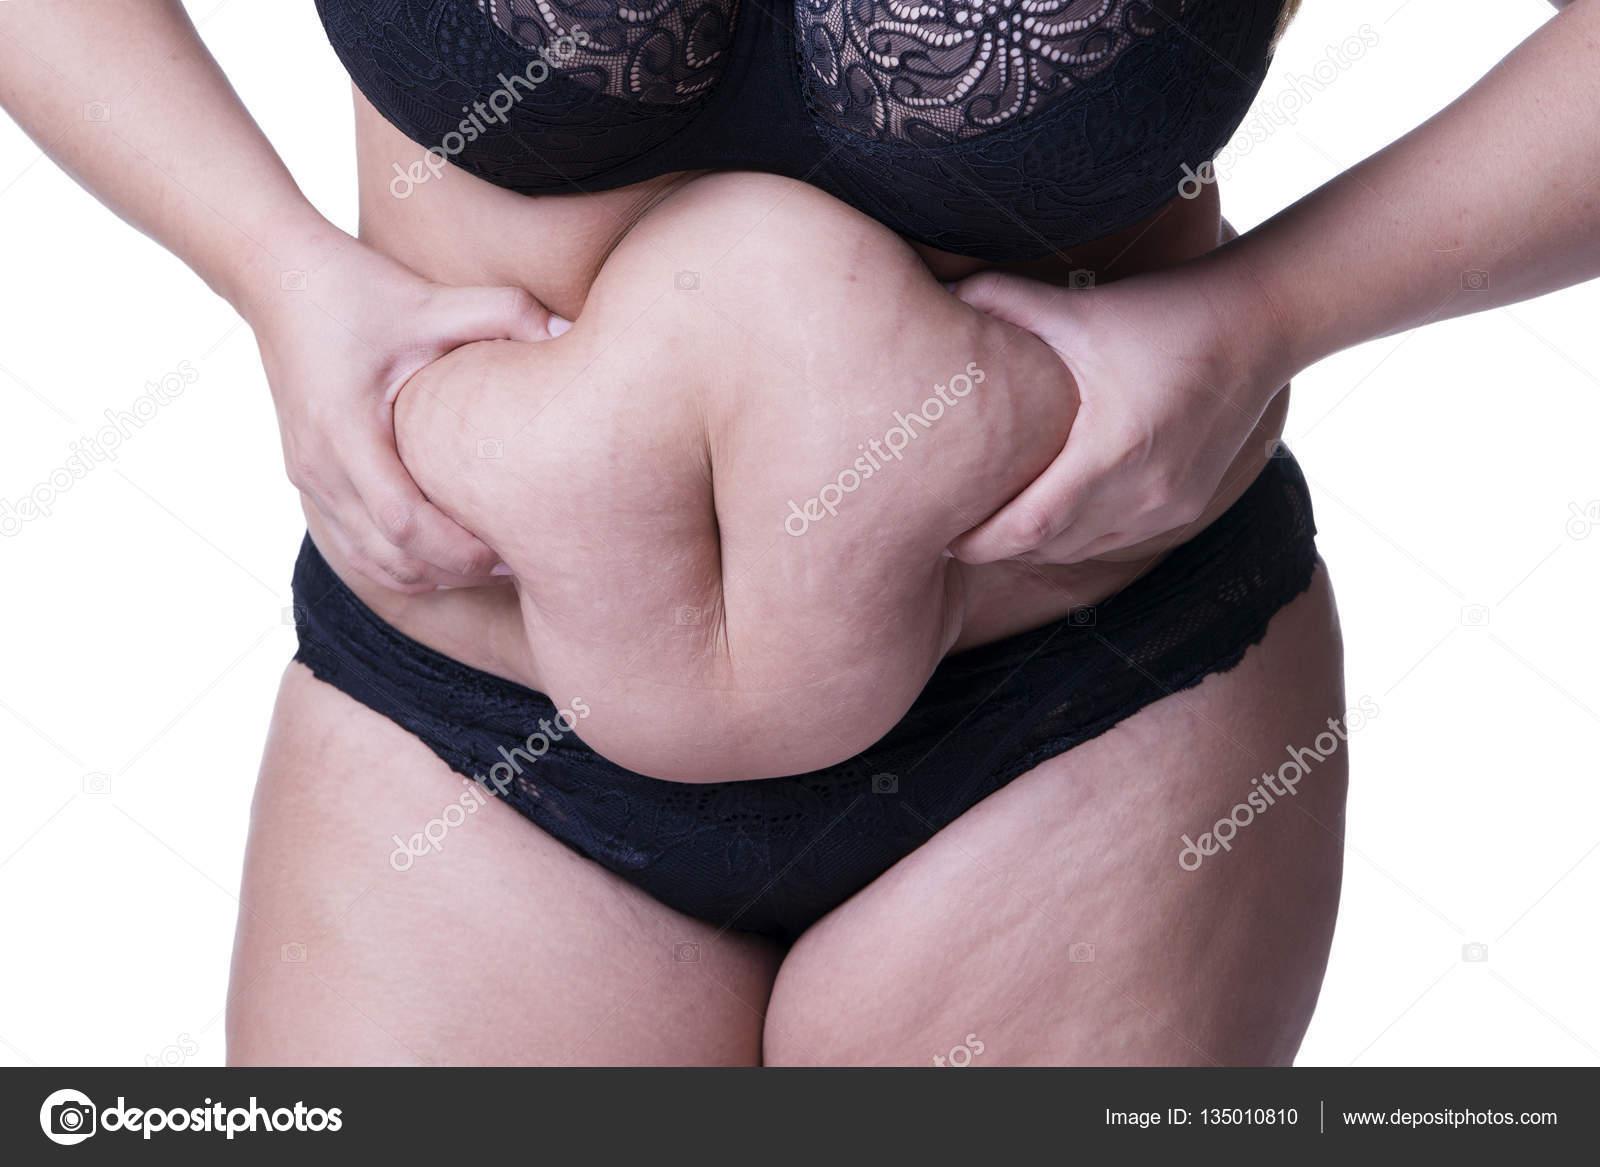 Perder peso rapido sin dejar de comer image 2